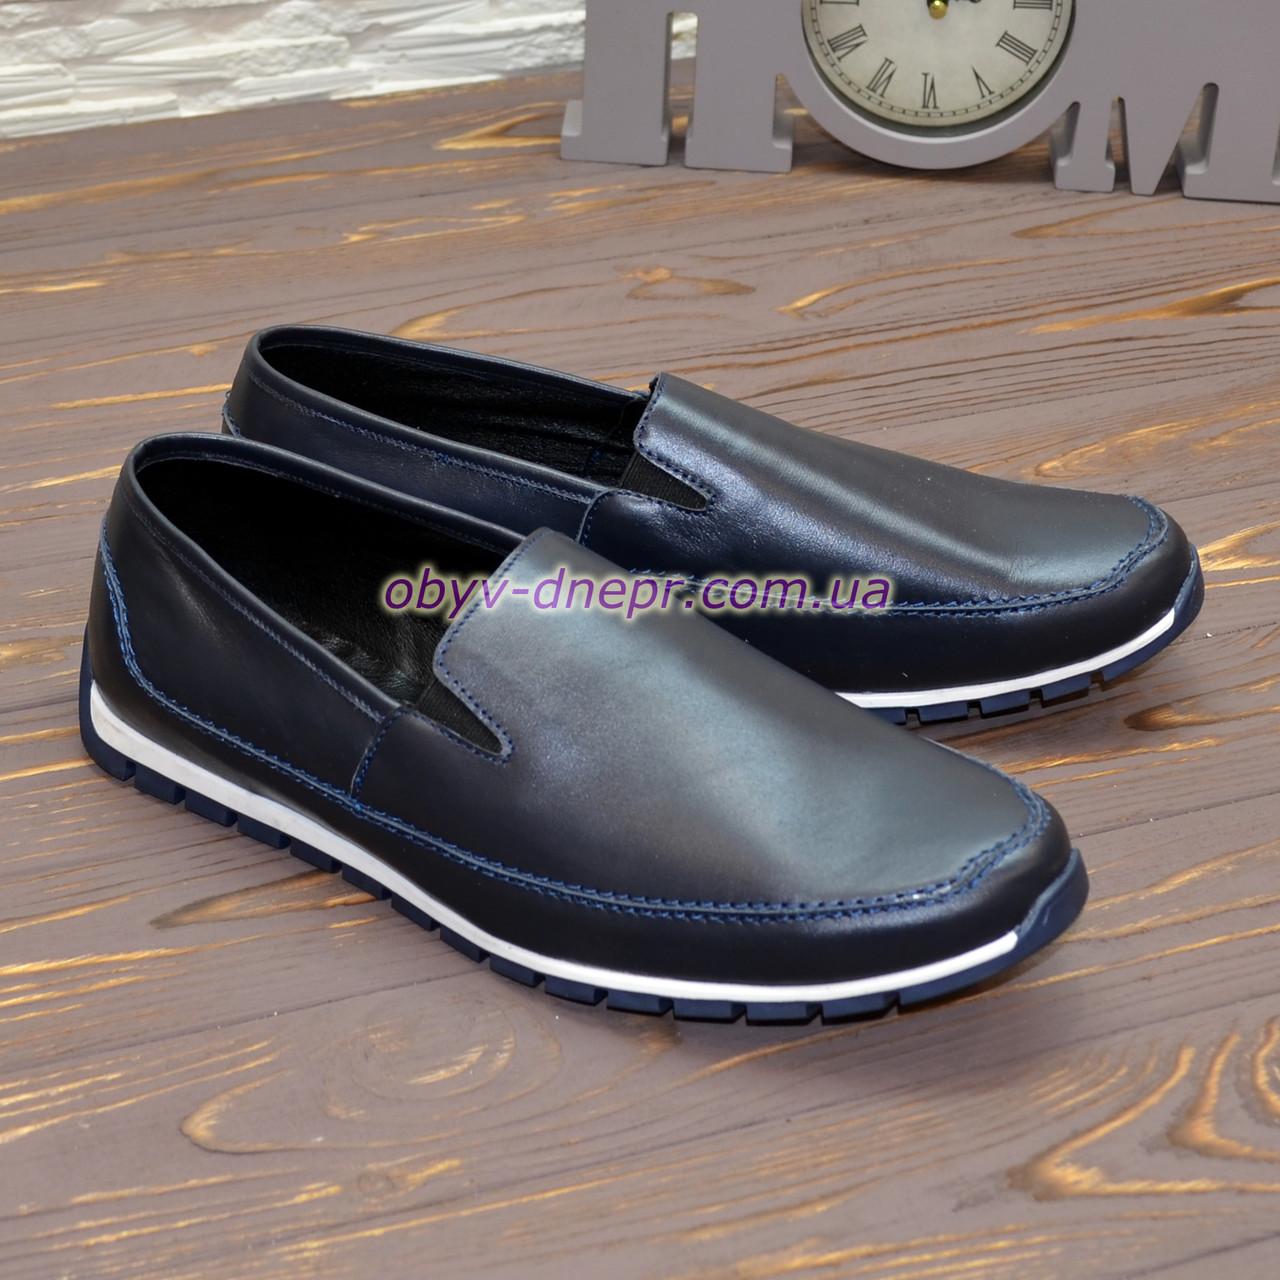 Туфли-мокасины мужские кожаные, цвет синий